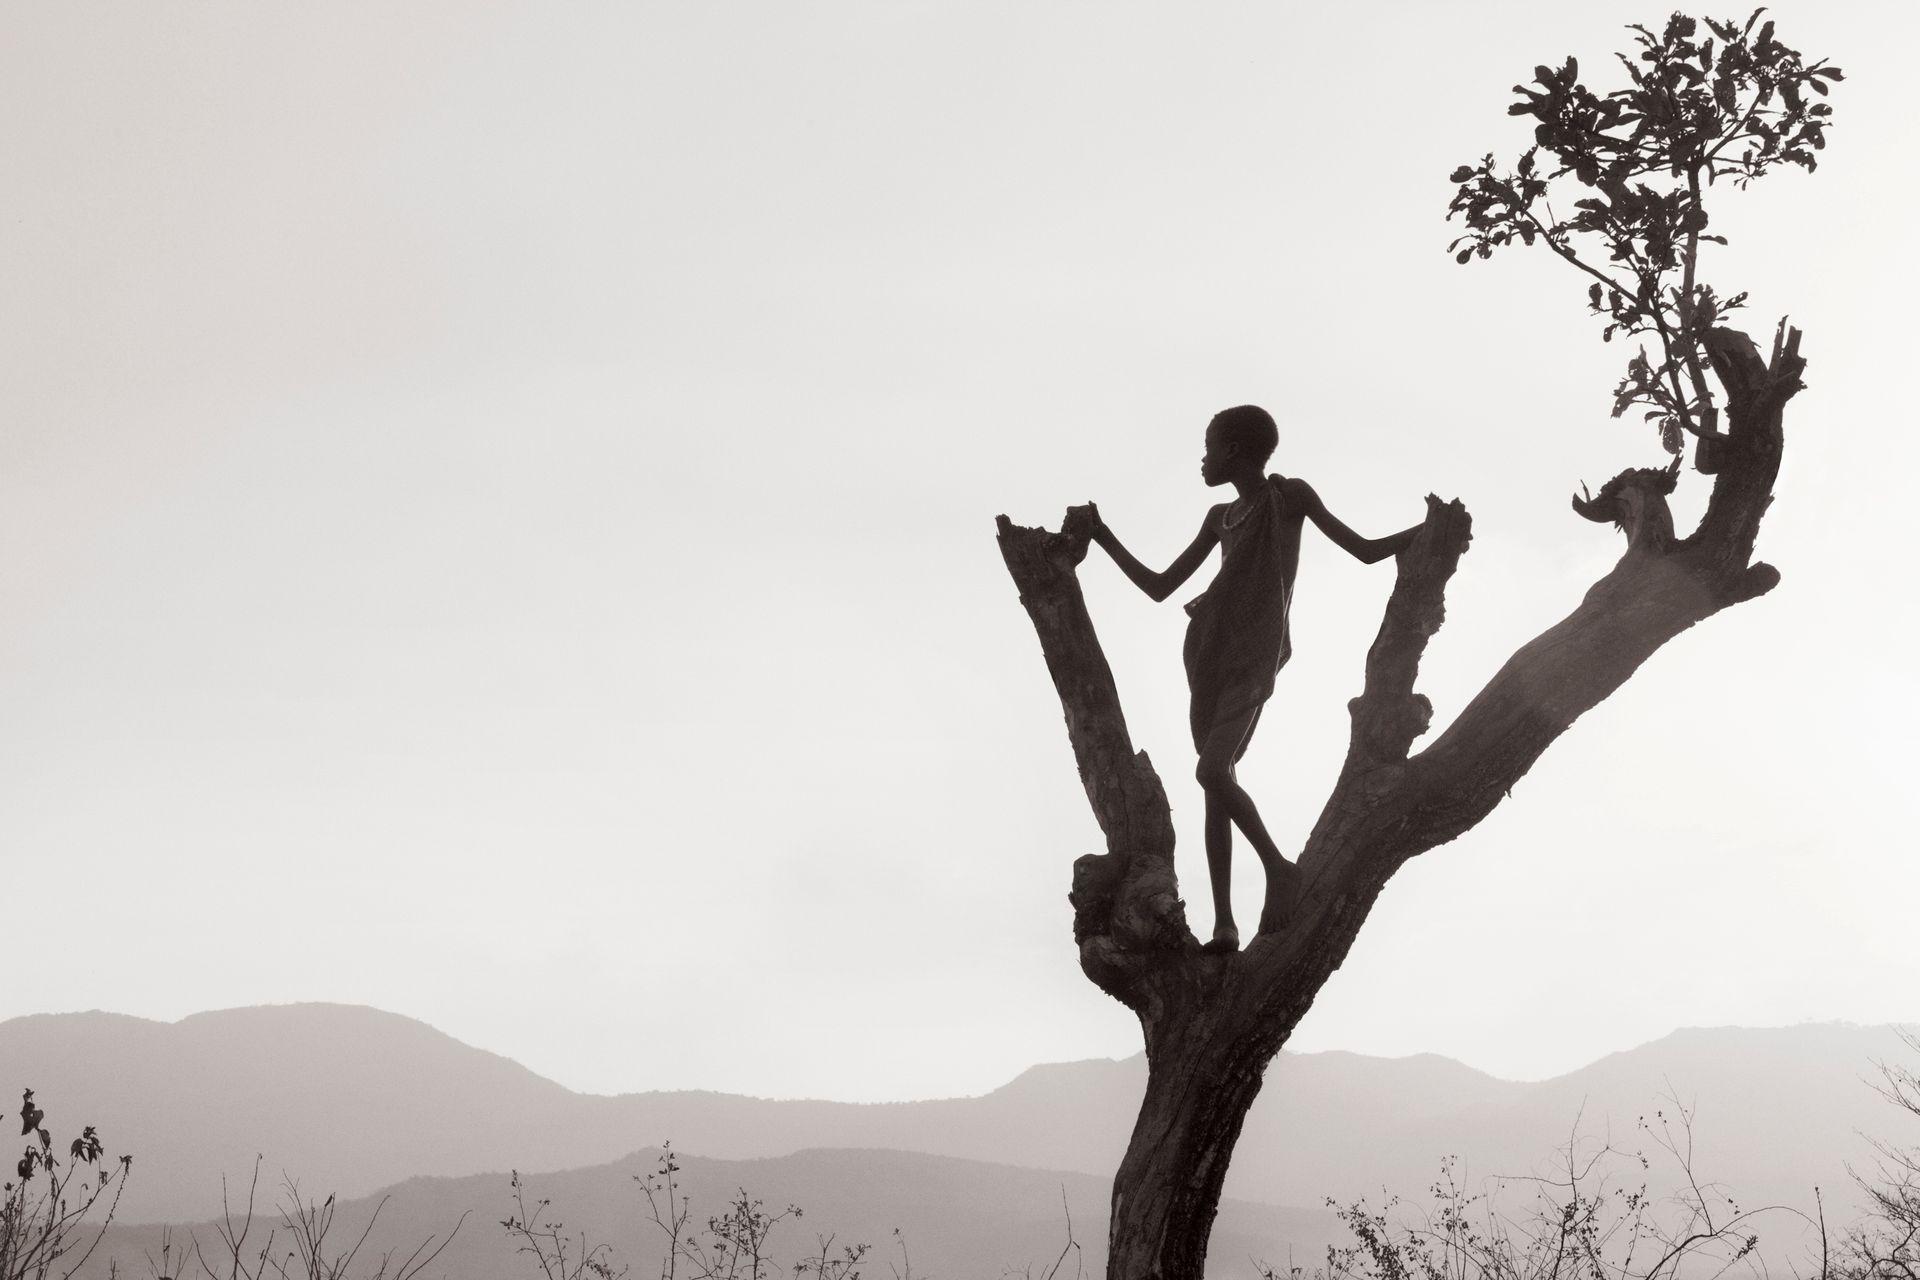 Omo-People-Drew-Doggett-africa-tribe-boy-tree-landscape-Untitled 20.jpg